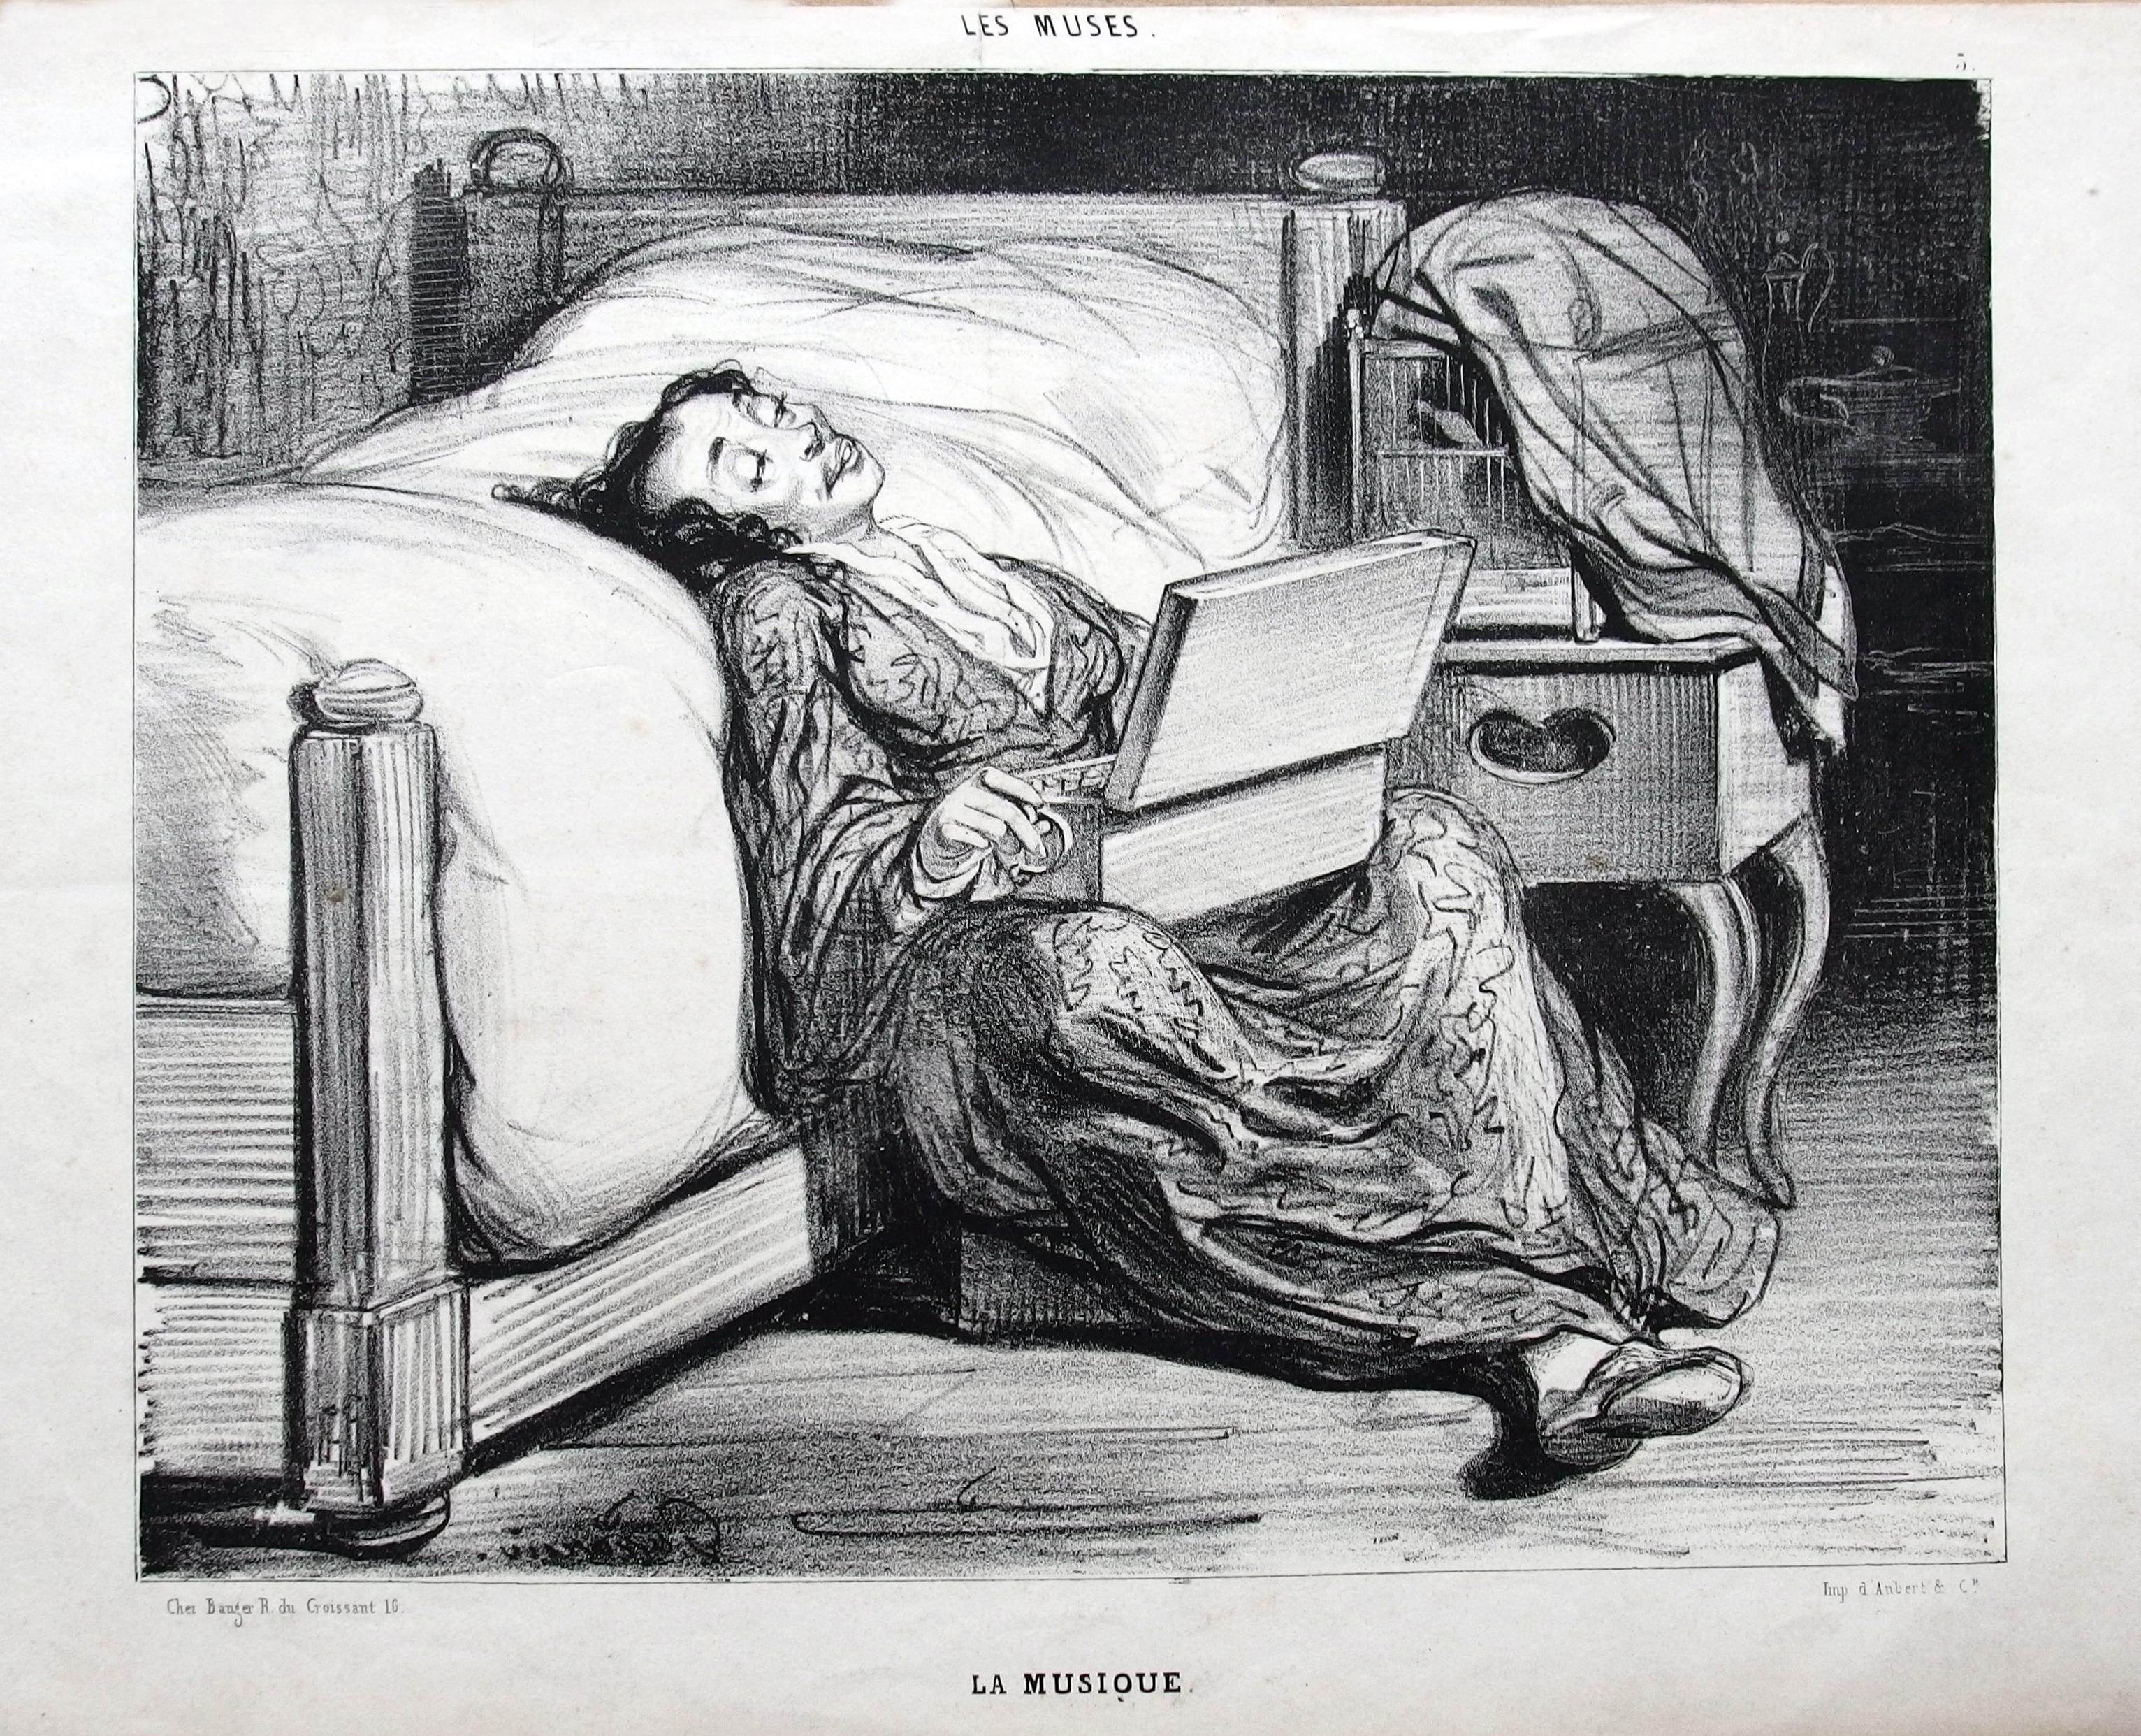 File:Les Muses, La Musique, de Paul Gavarni, Paris, 1839,